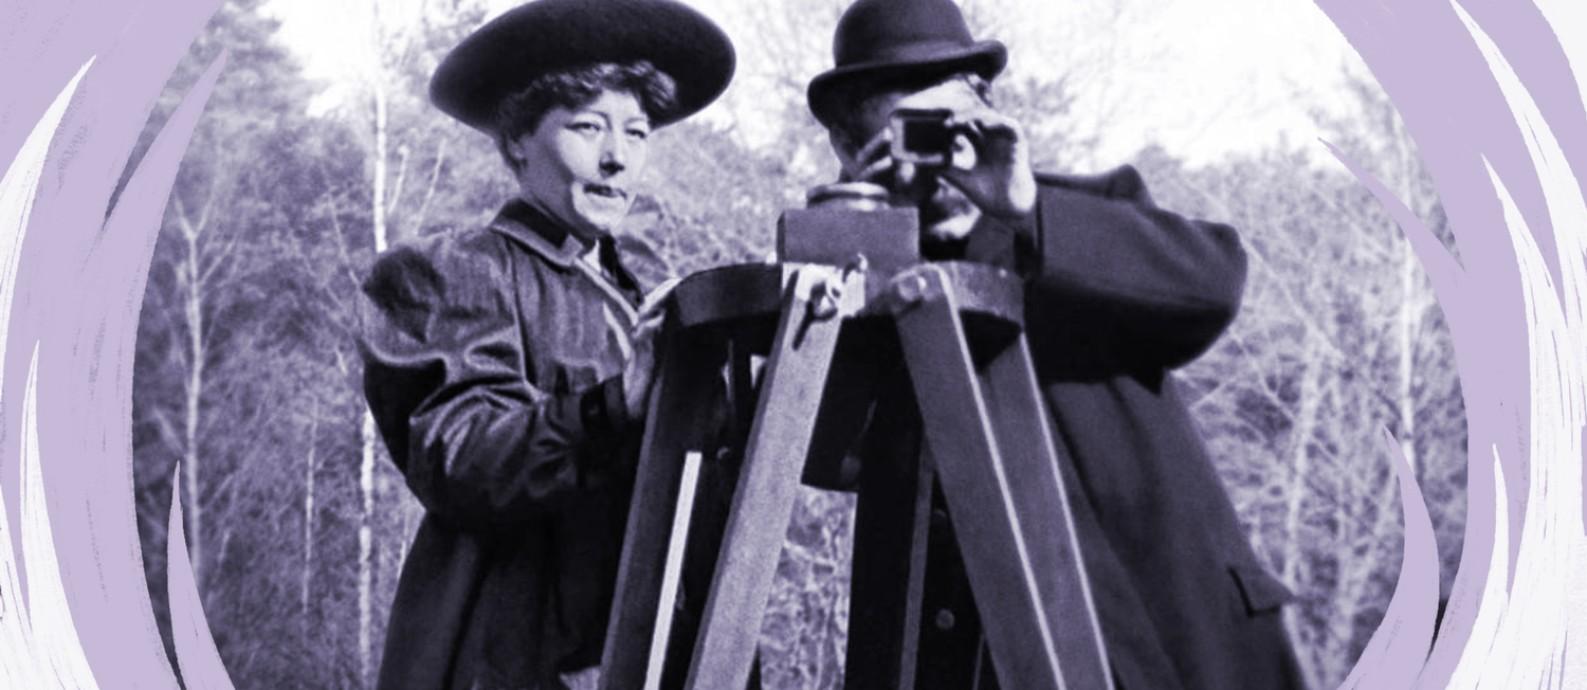 'Alice Guy-Blaché: a história não contada da primeira cineasta do mundo' recompõe trajetória de diretora pioneira em Hollywood Foto: Reprodução